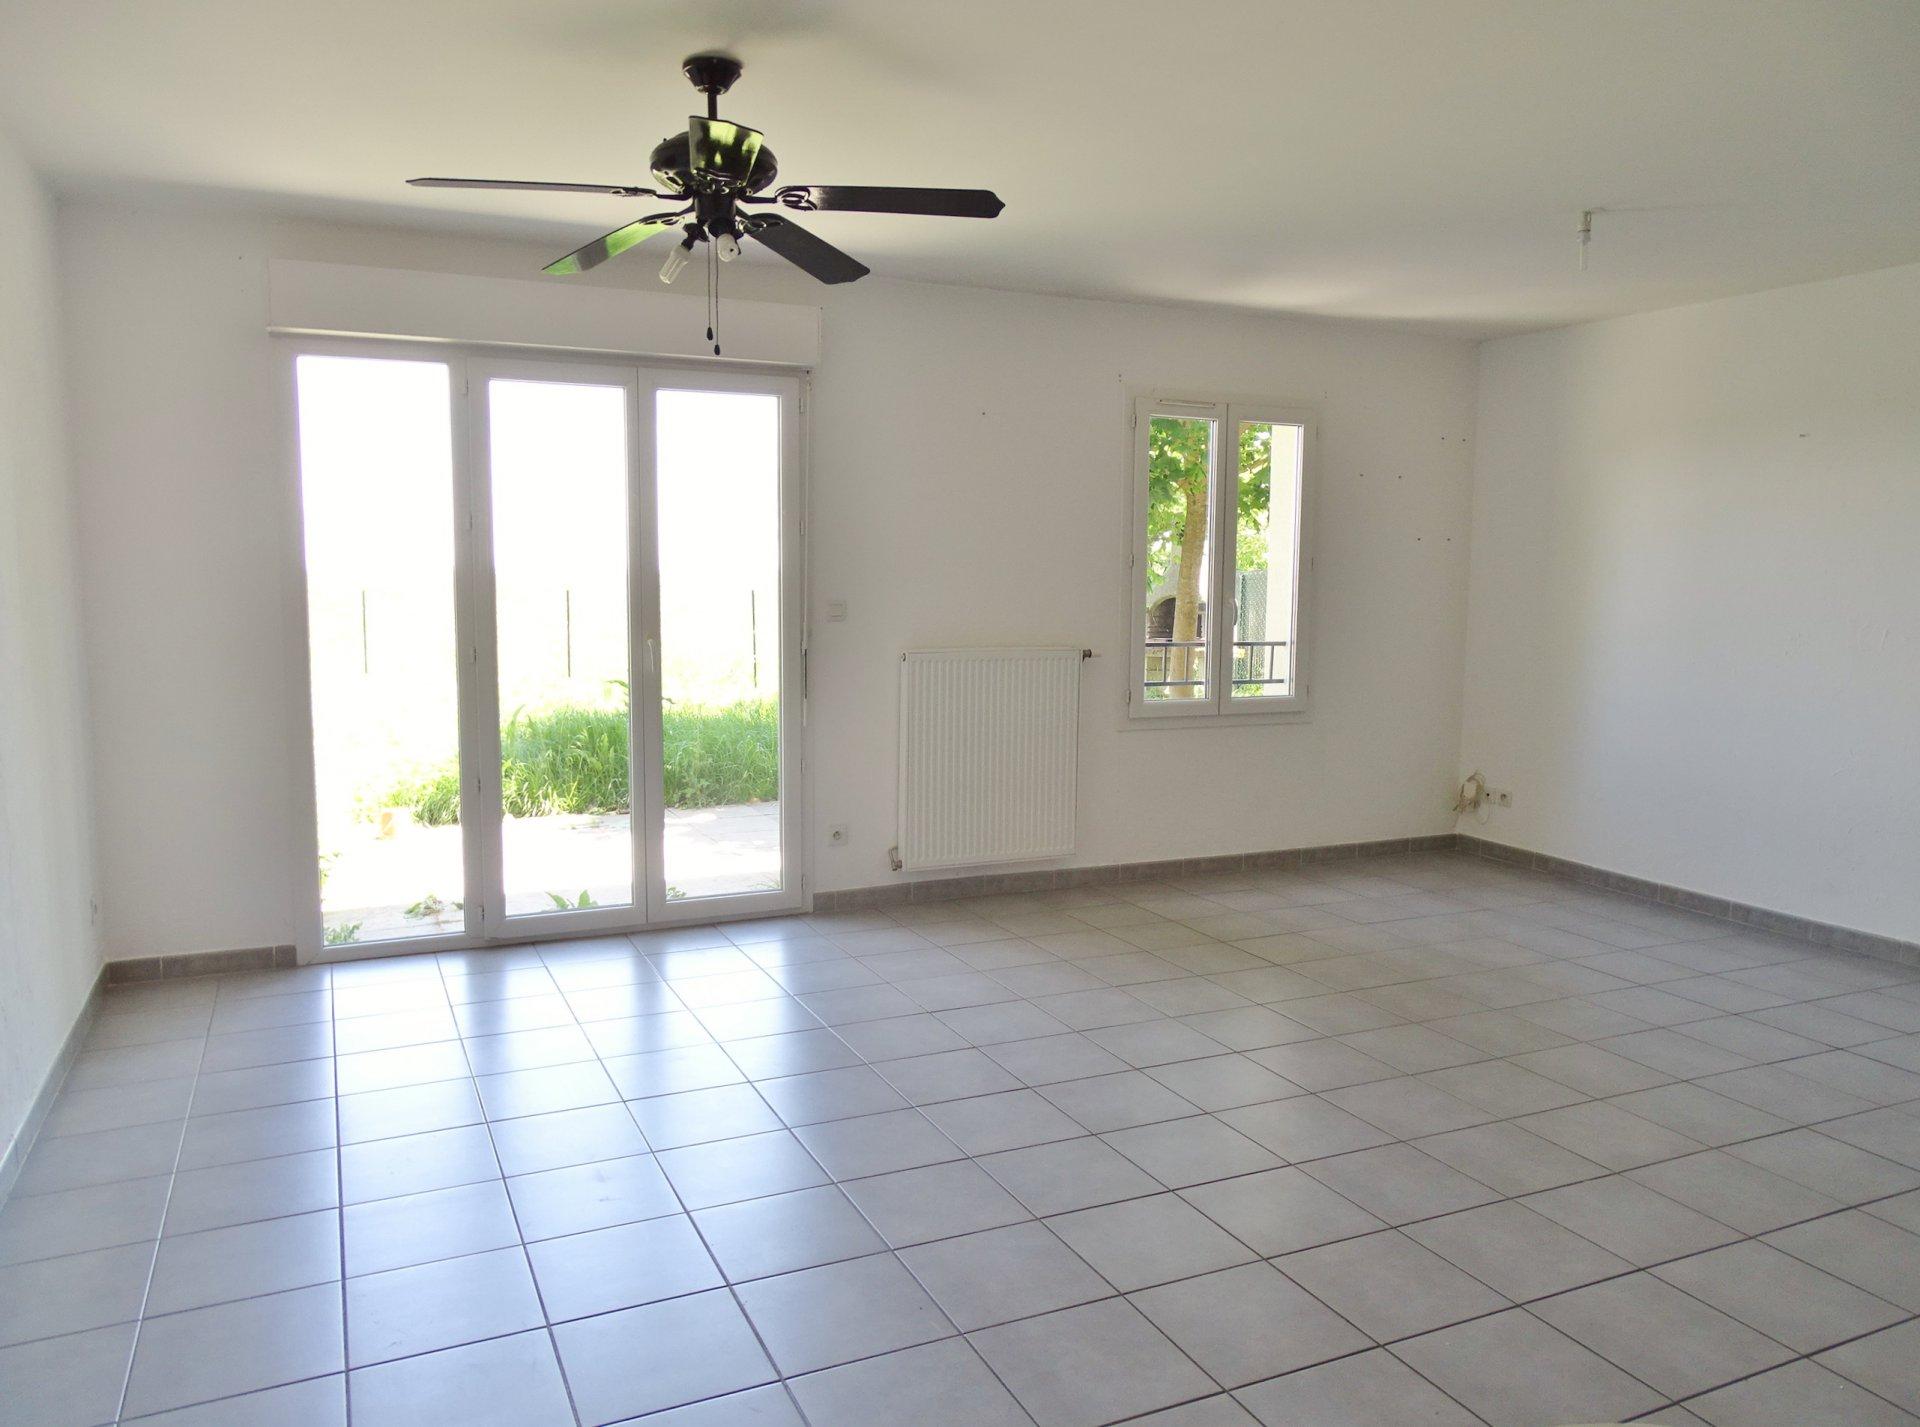 Située sur Sennecé, cette maison construite en 2011 se compose d'une entrée desservant la cuisine équipée et un agréable séjour très lumineux de 34 m² donnant directement sur la terrasse et son petit jardin. L'étage offre 3 chambres (12, 10,2 et 13 m²), une salle de bains et une salle de douche. Garage de 24 m². Parfaitement entretenue et bien isolée cette maison est garantie jusqu'en 2021. Chauffage au gaz. Visitez à 360° cette maison sur notre site internet. Honoraires à la charges des vendeurs.